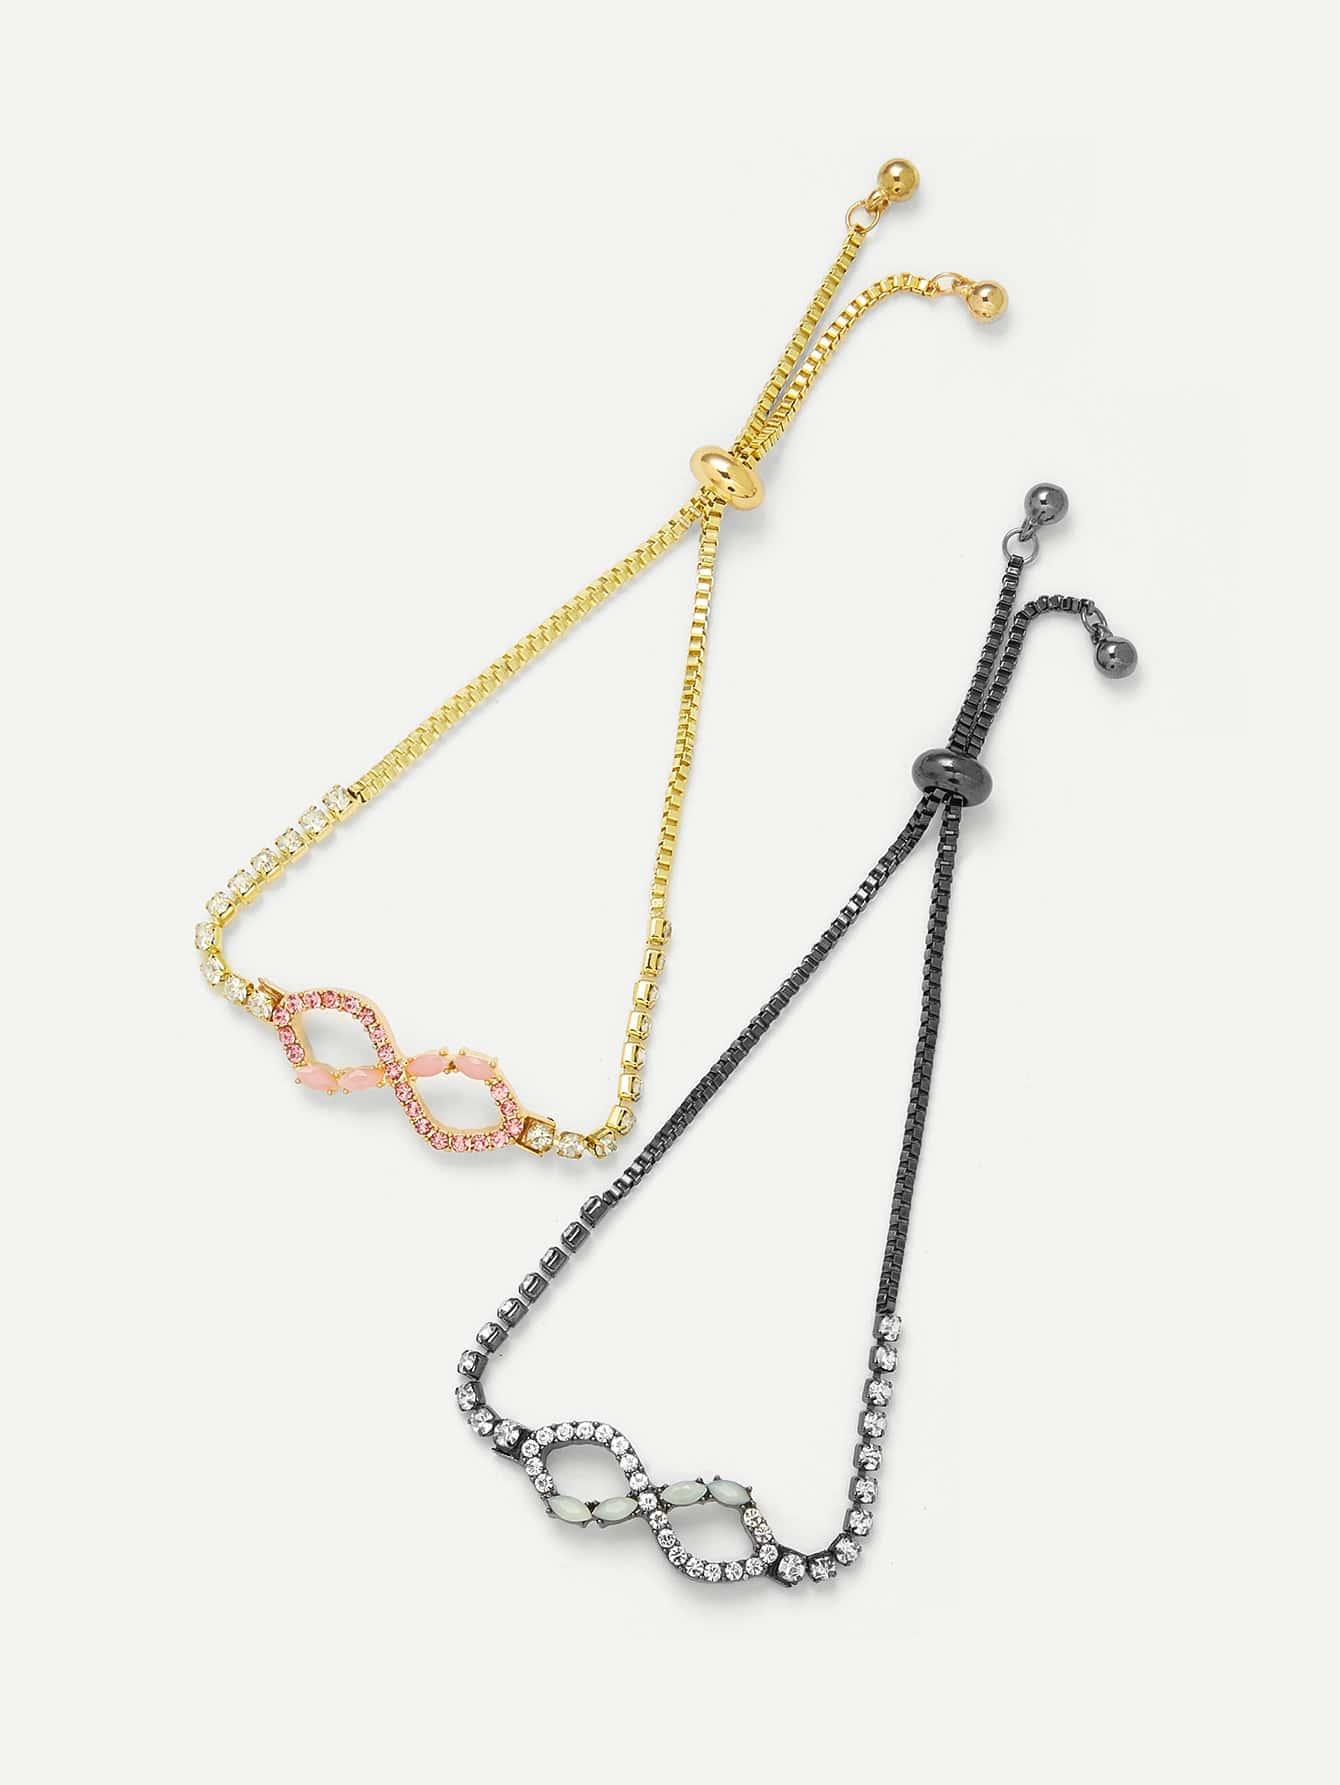 Letter Eight Design Chain Bracelet Set wing design chain bracelet